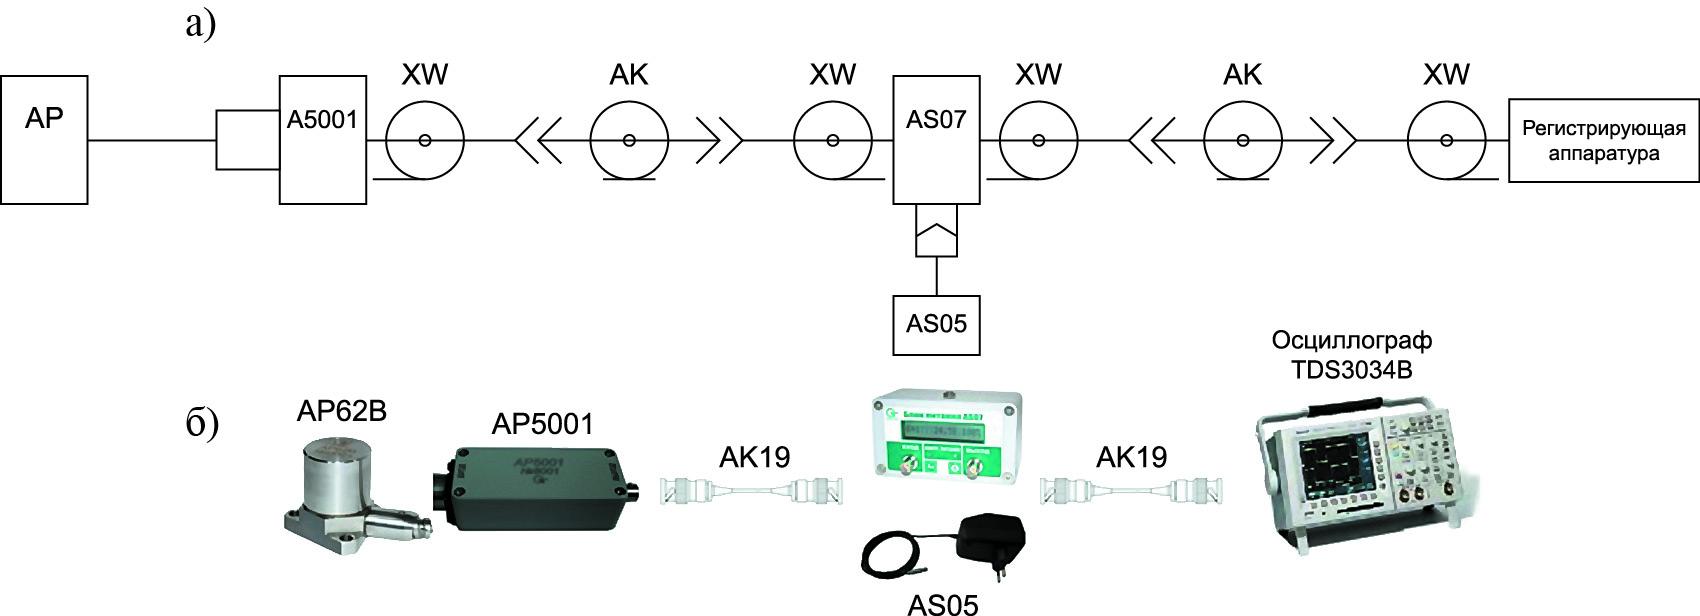 Пример схемы подключения и ее реализация для промышленного датчика с симметричным зарядовым выходом с дифференциальным усилителем заряда AР5001